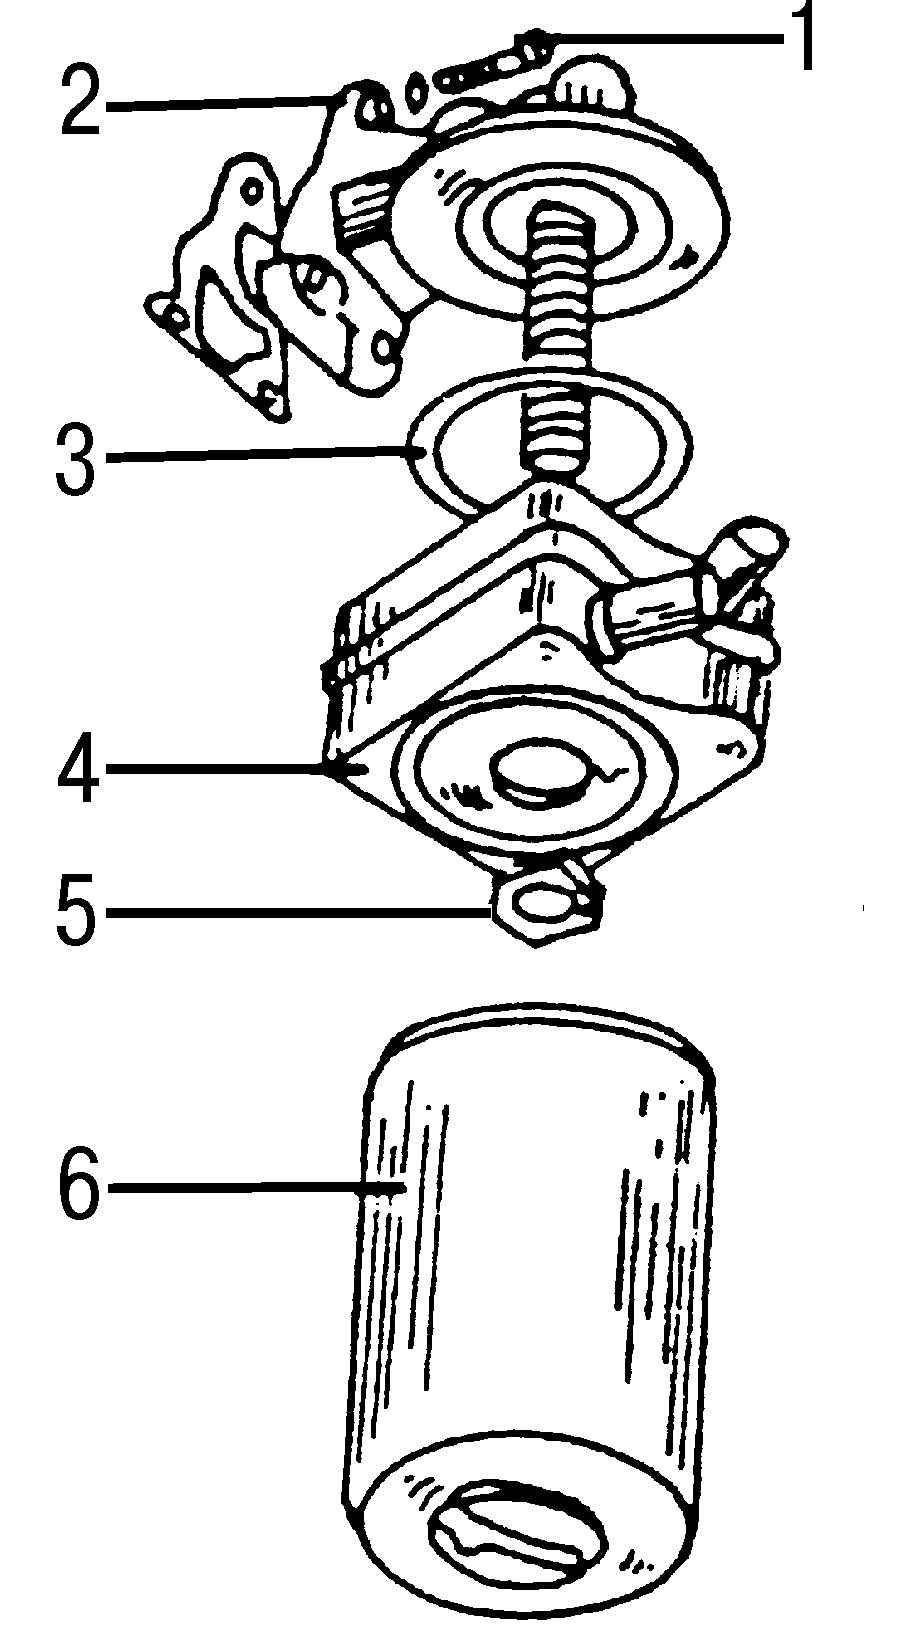 Vw golf 4 акпп прокладка под охладитель фото теплообменник разборный пластинчатый теплообменник центртехком